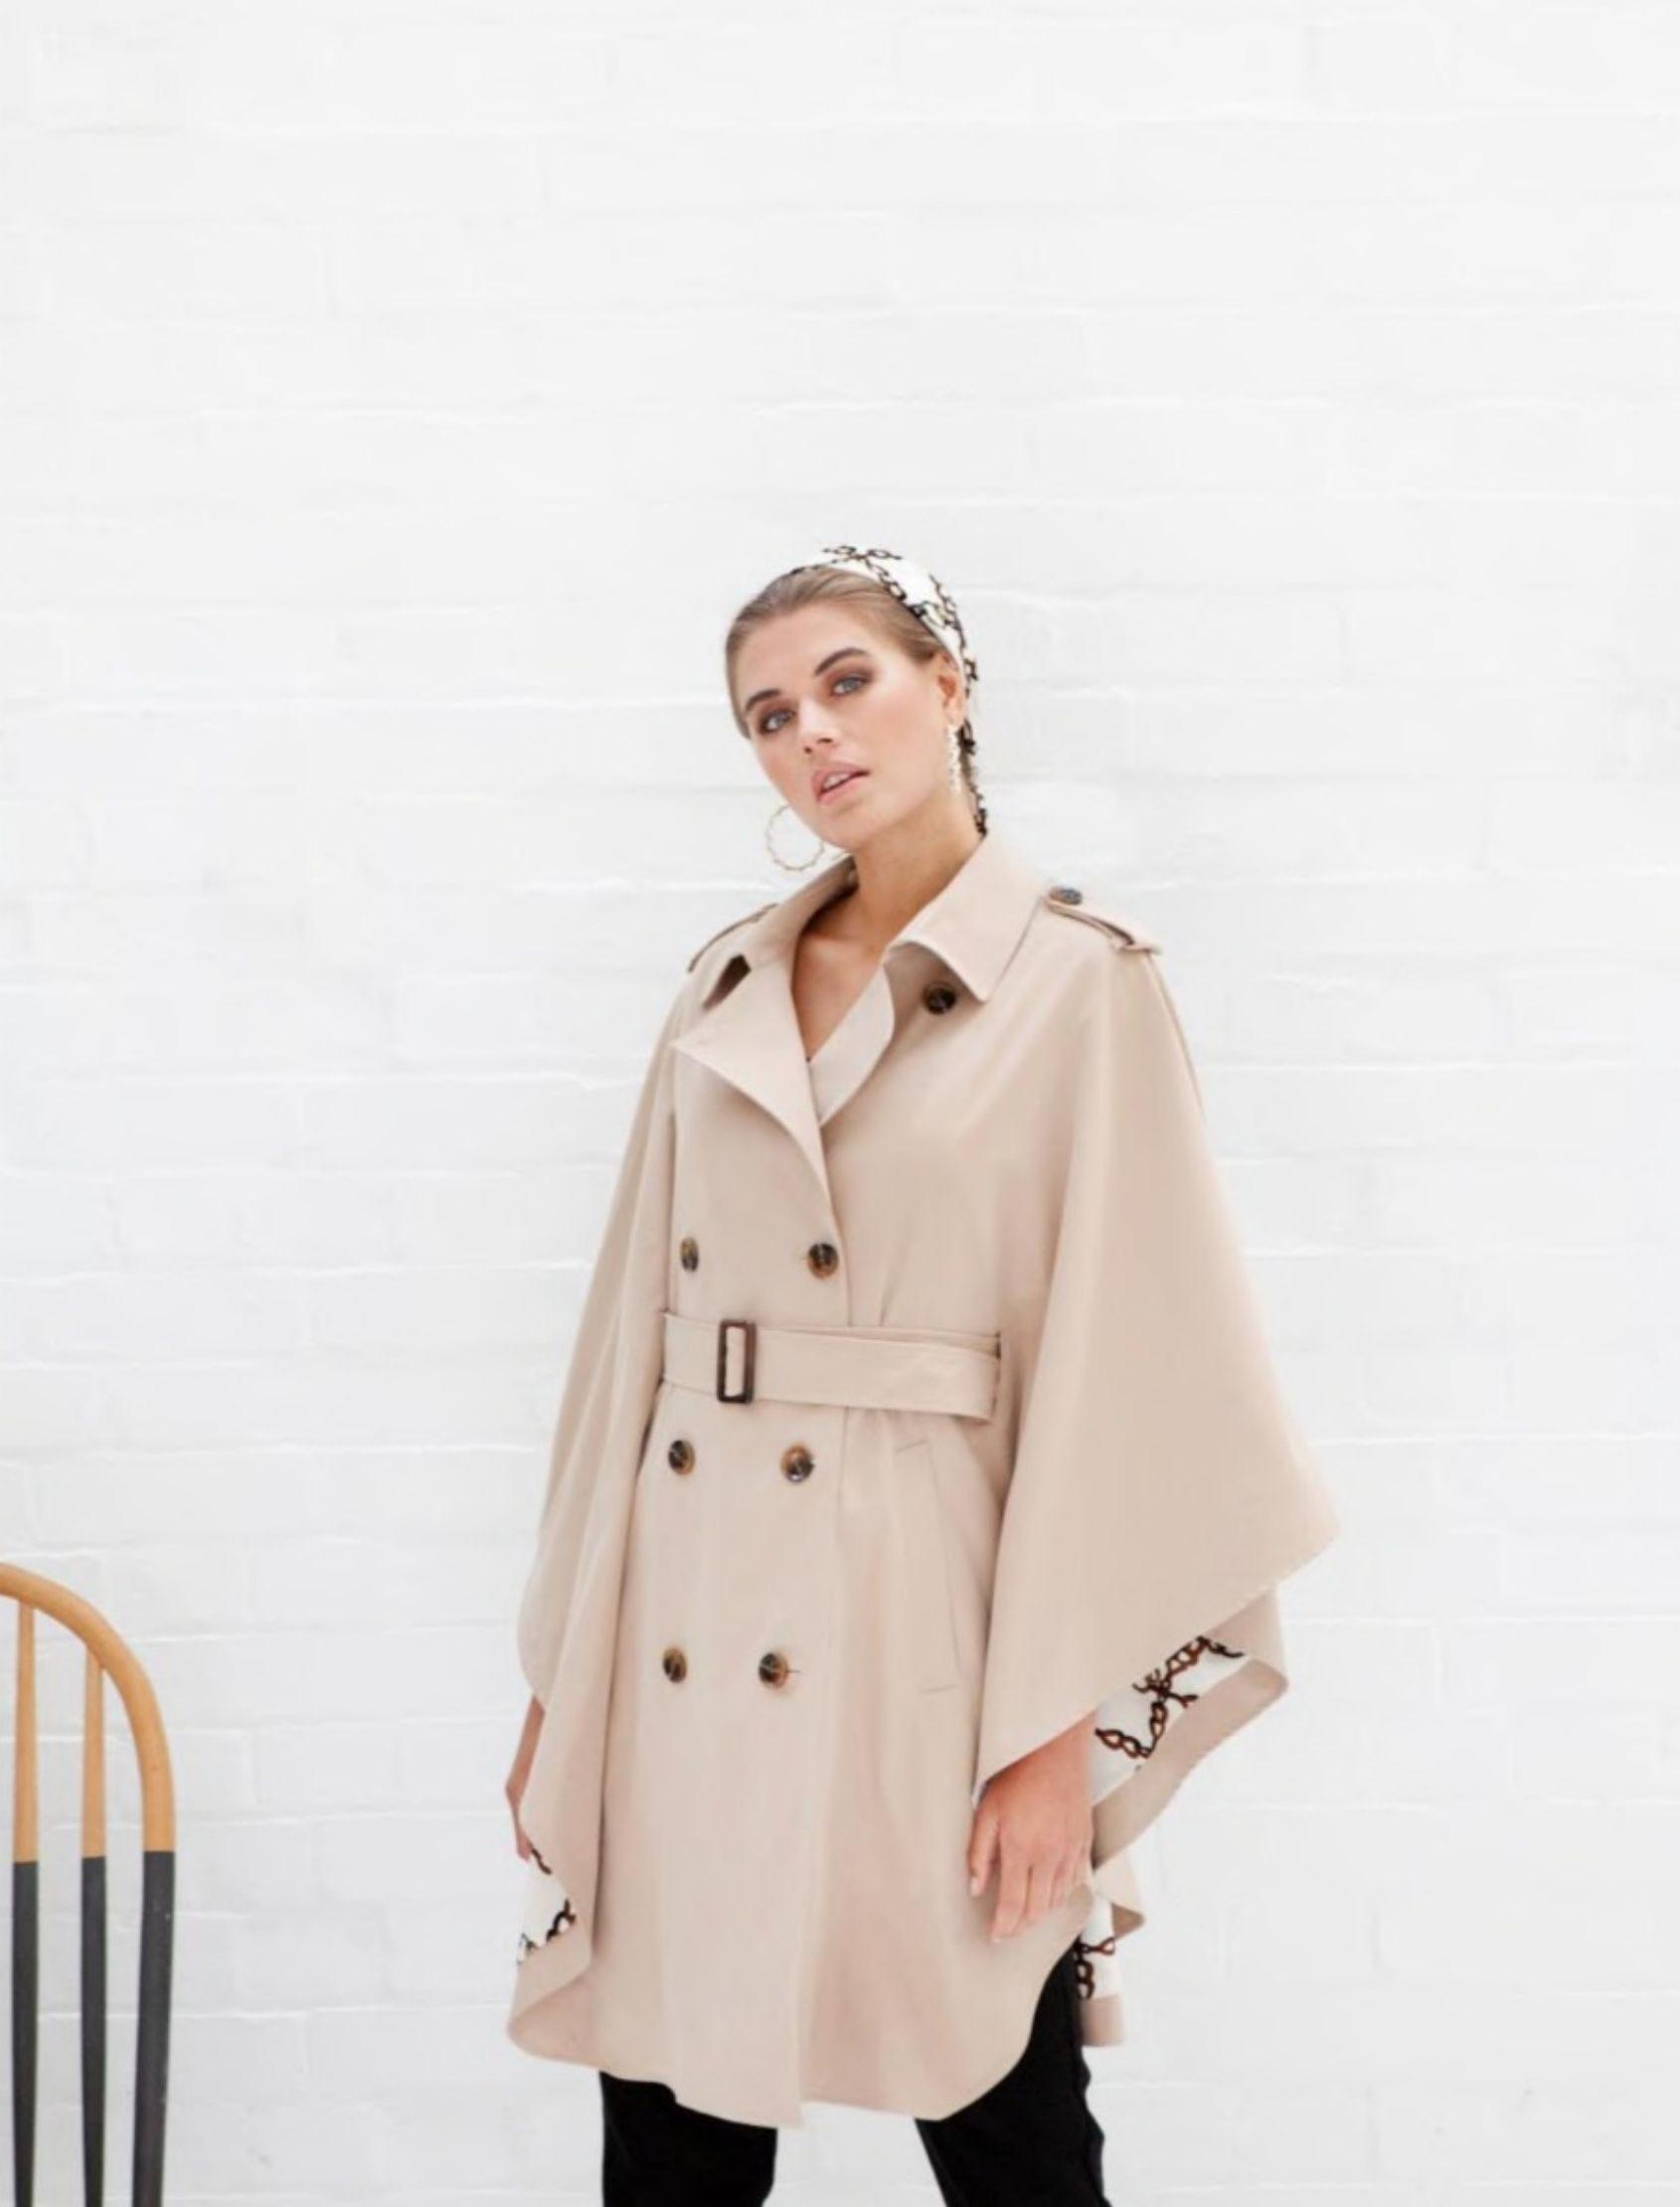 modelo con gabardina delia estilo capa de la marca jovonna london